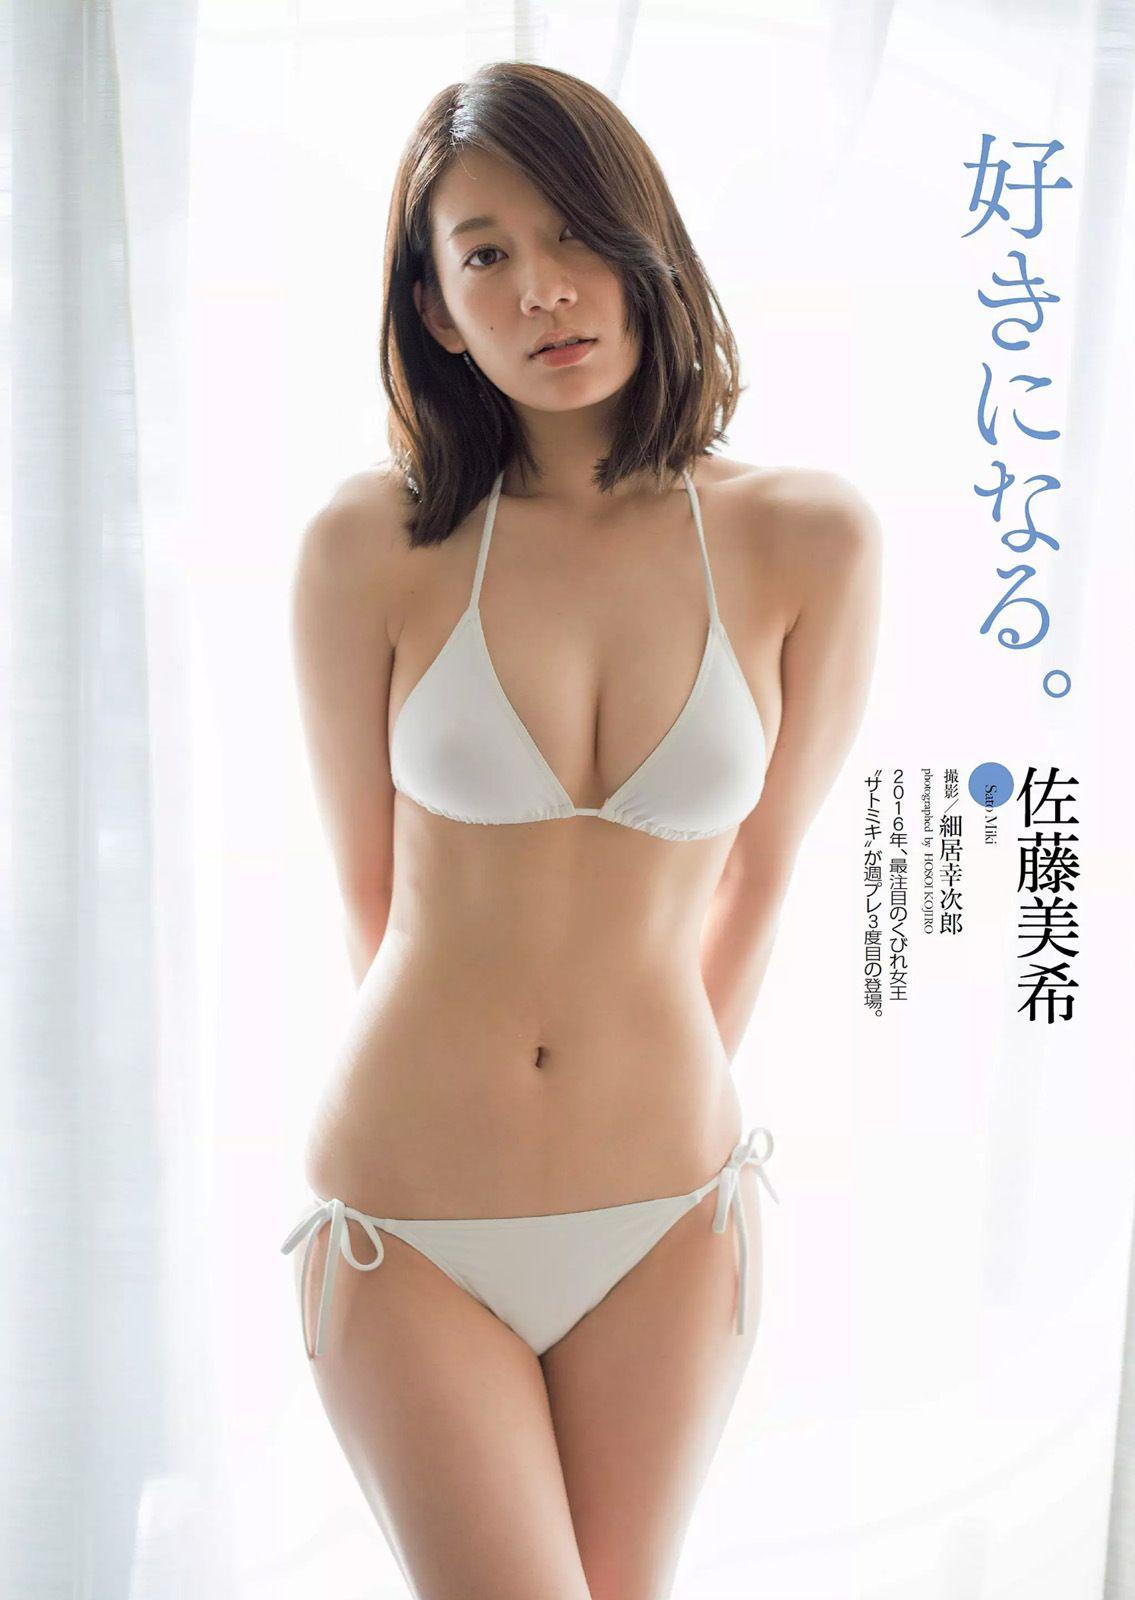 好きになる。佐藤美希